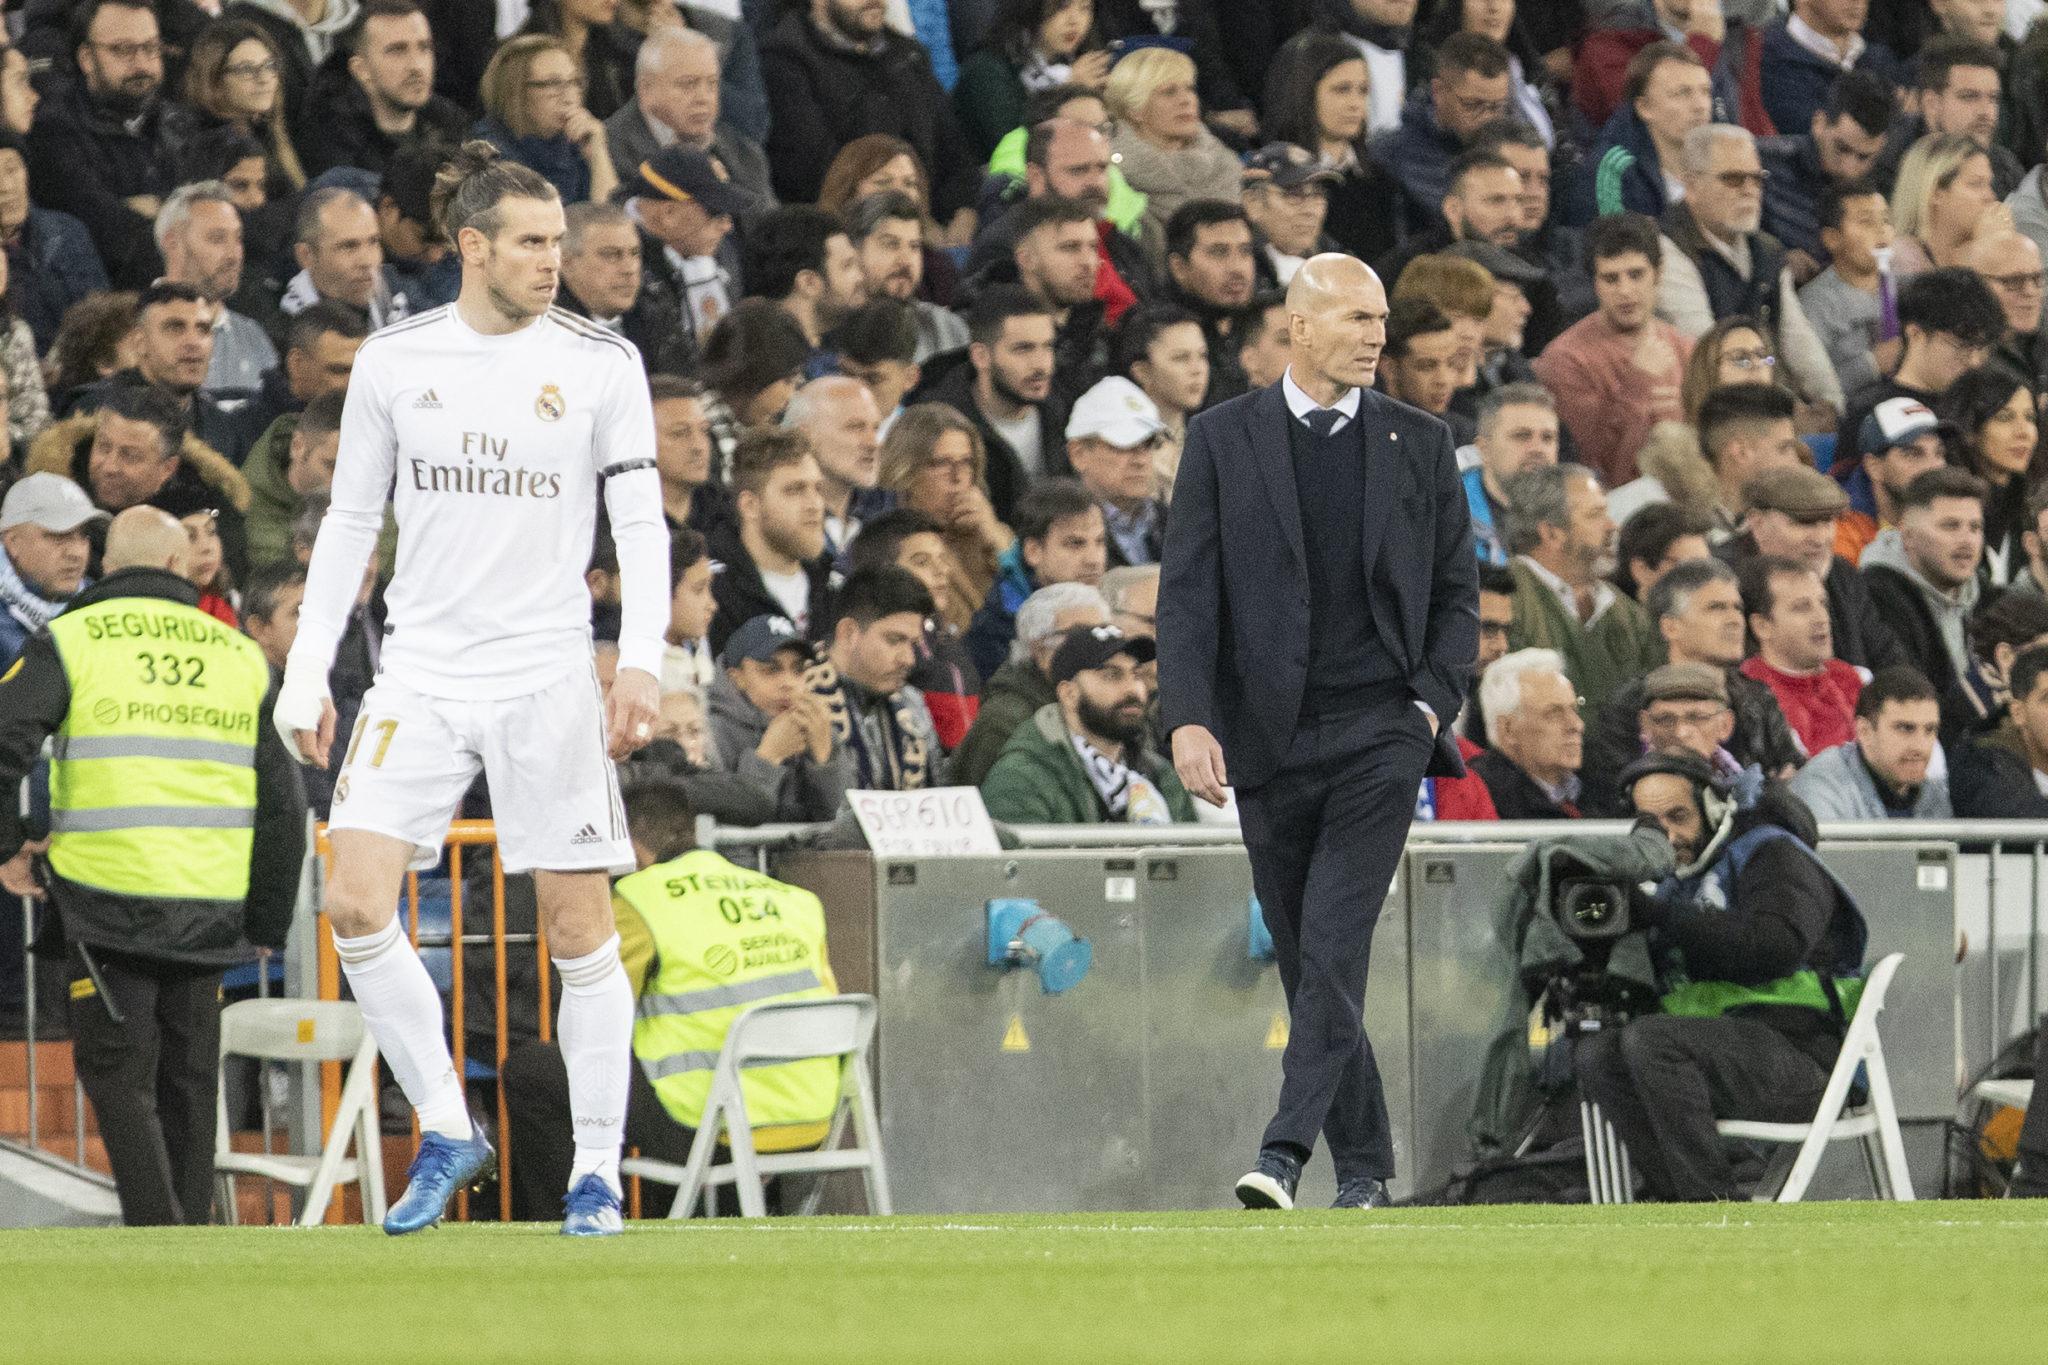 Bale and Ancelotti predecessor Zidane